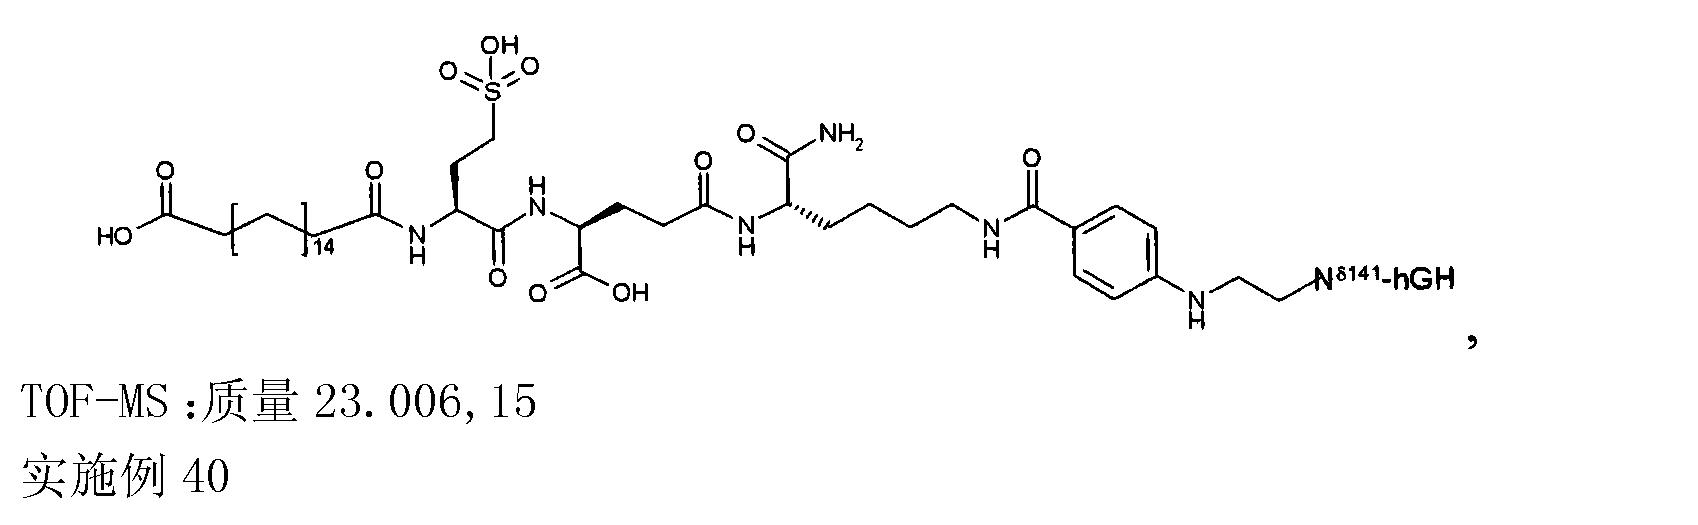 Figure CN102112157BD00642